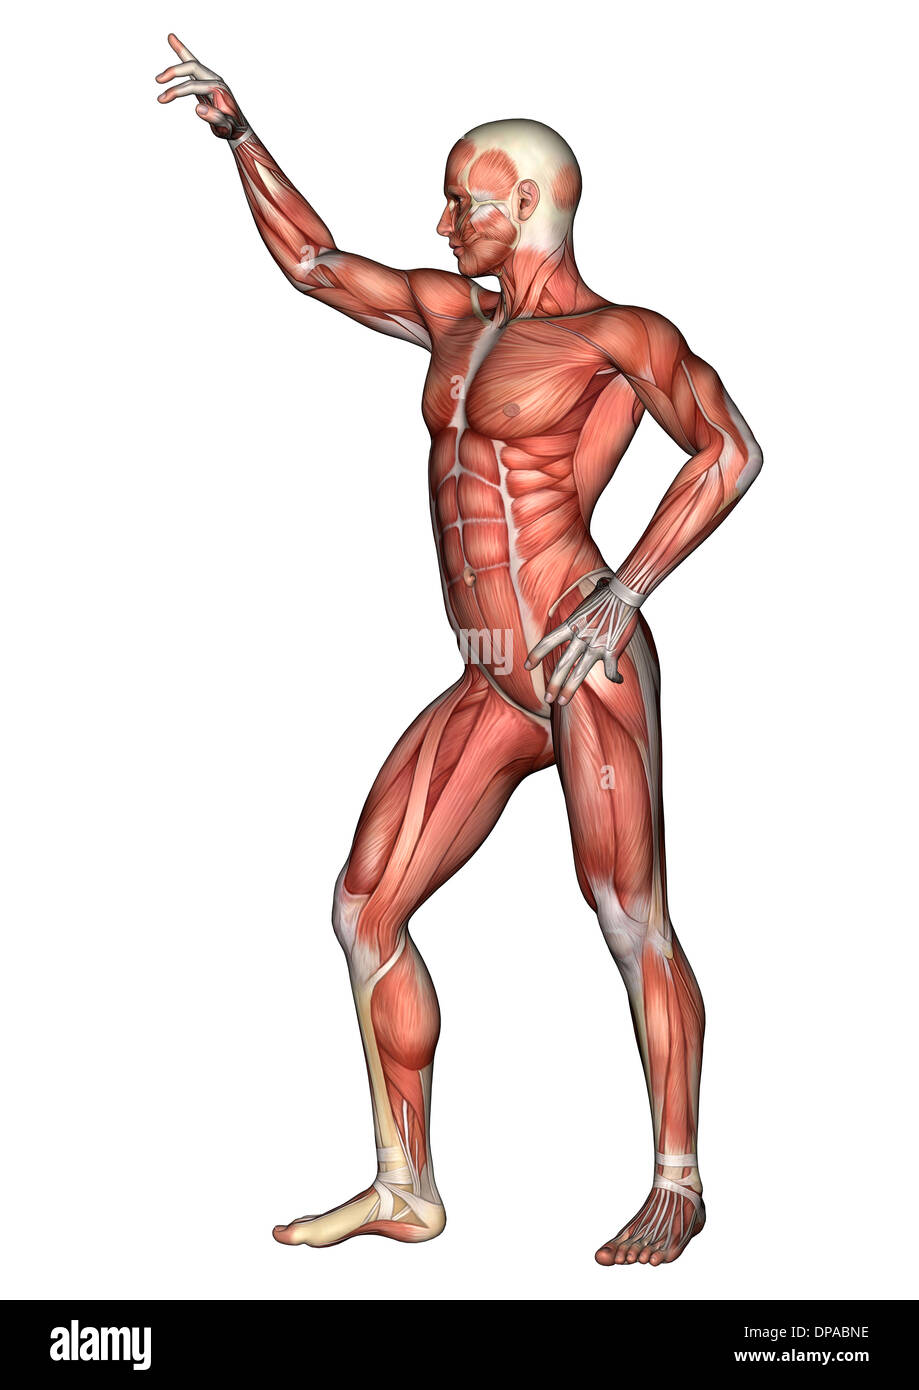 Ausgezeichnet Bilder Von Armmuskeln Fotos - Anatomie Ideen - finotti ...